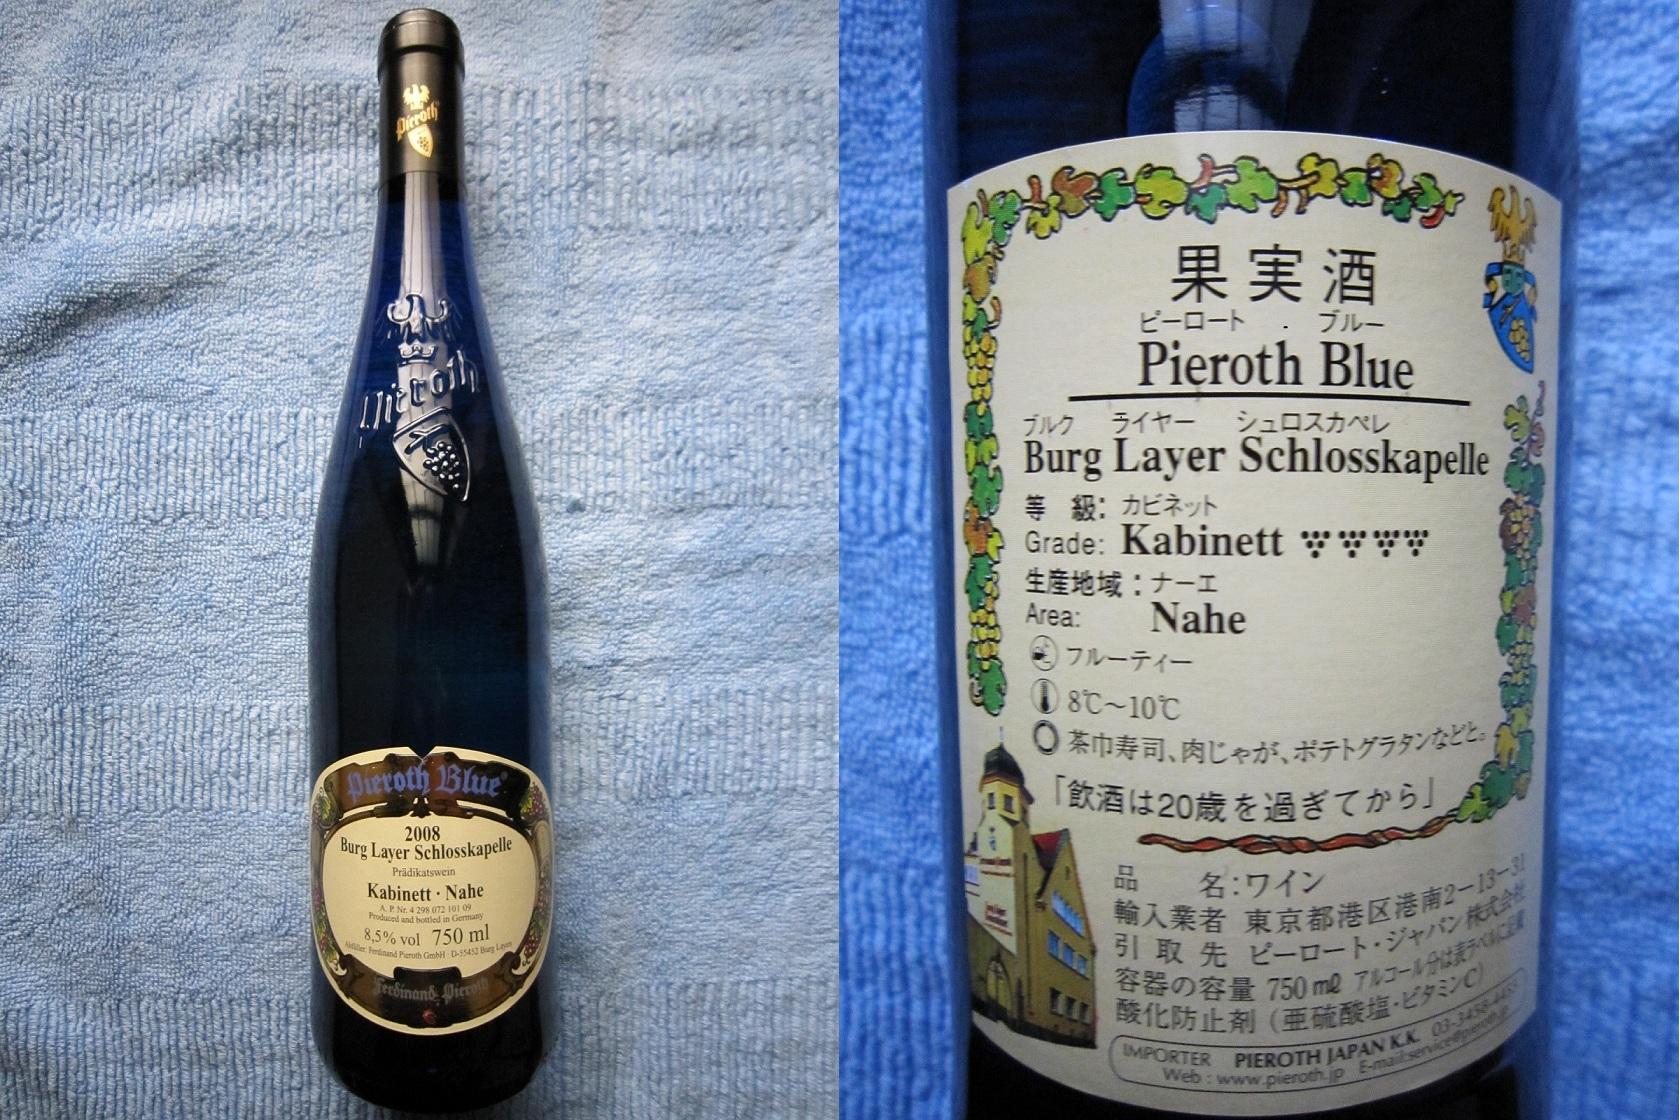 貴 腐 ワイン 貴腐ワイン、塩尻ワイン、桔梗ヶ原メルロ